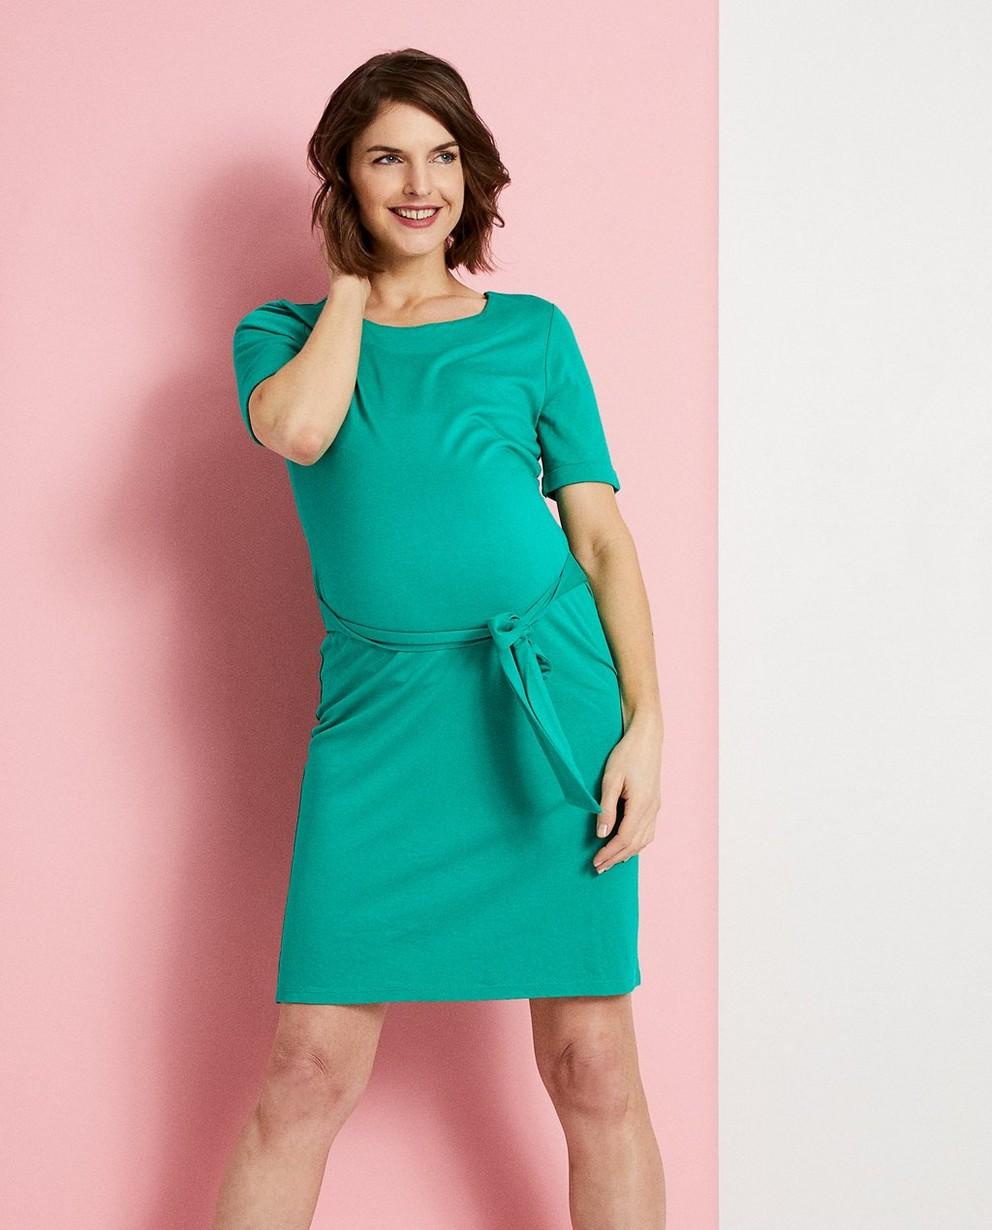 Kleedjes - GNM - Groene zwangerschapsjurk